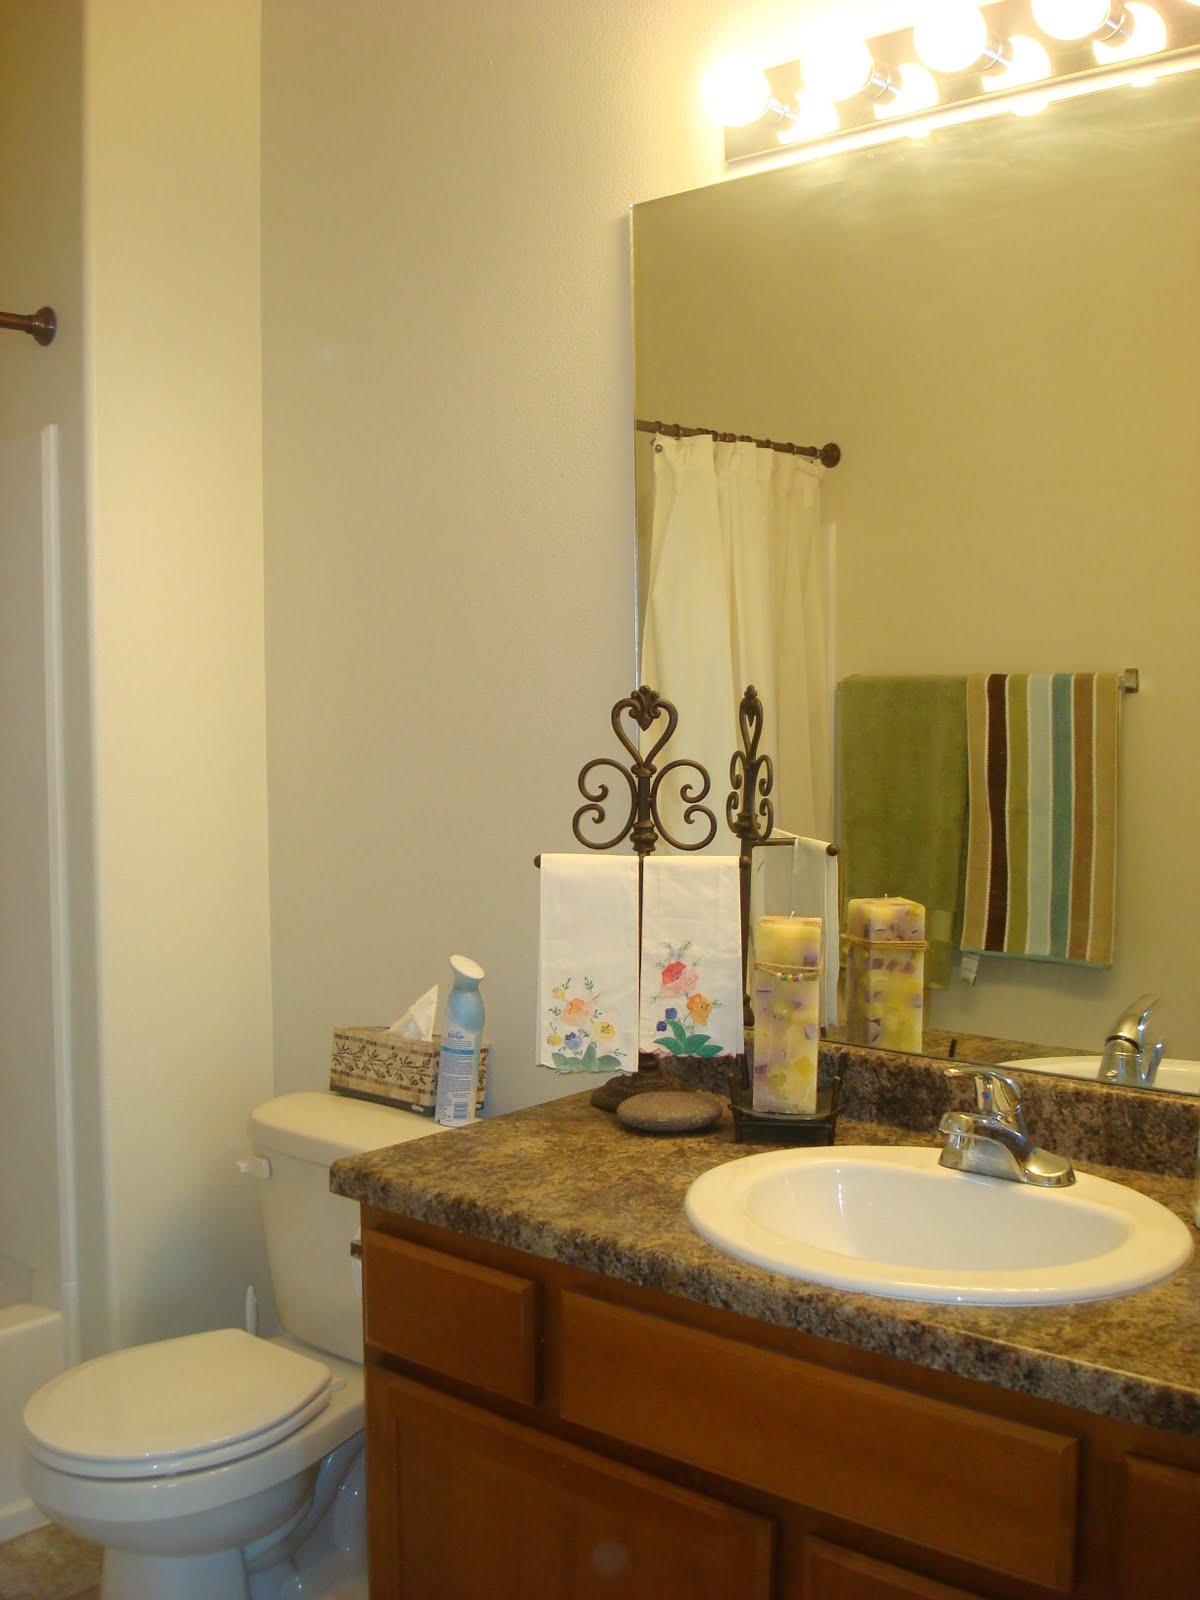 ImagineCozy A Coastal Cottage Bathroom